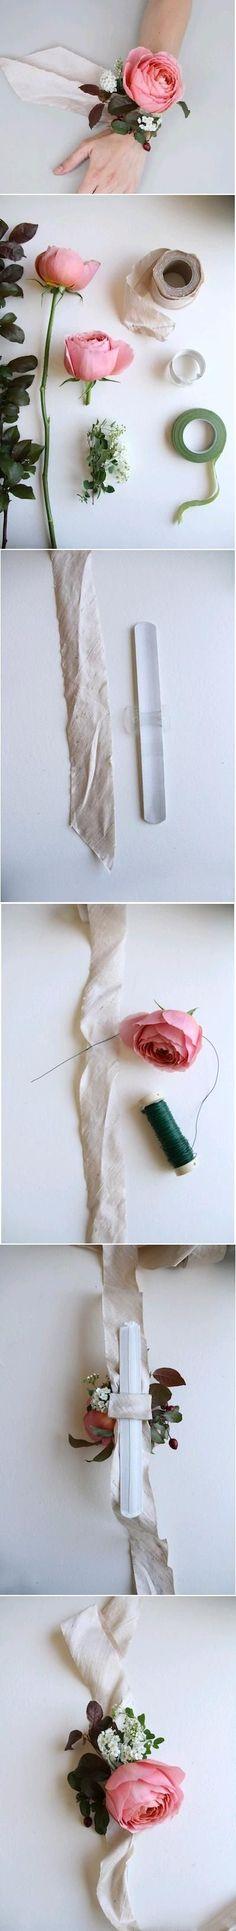 DIY Wedding Wrist Flower DIY Projects / UsefulDIY.com on imgfave